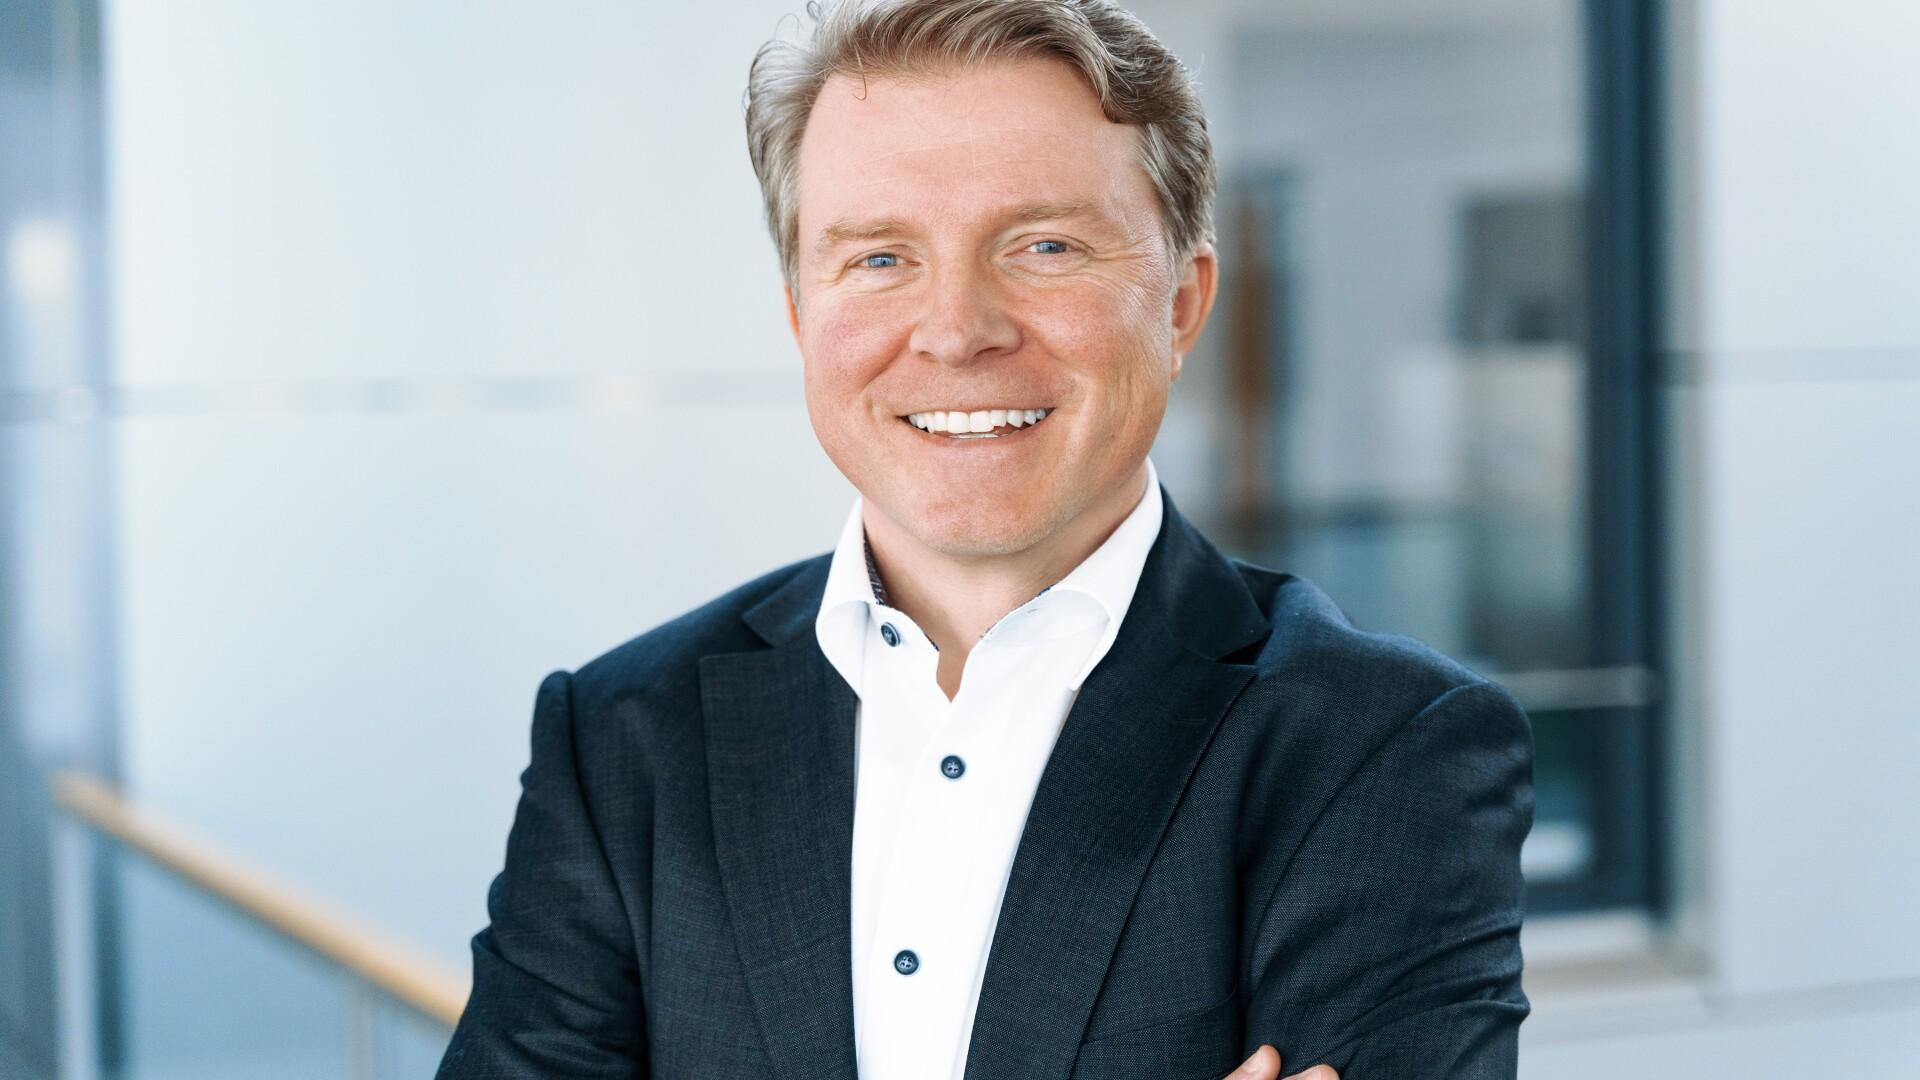 Peter Stedler, Geschäftsführer und Gründer der Netlution GmbH